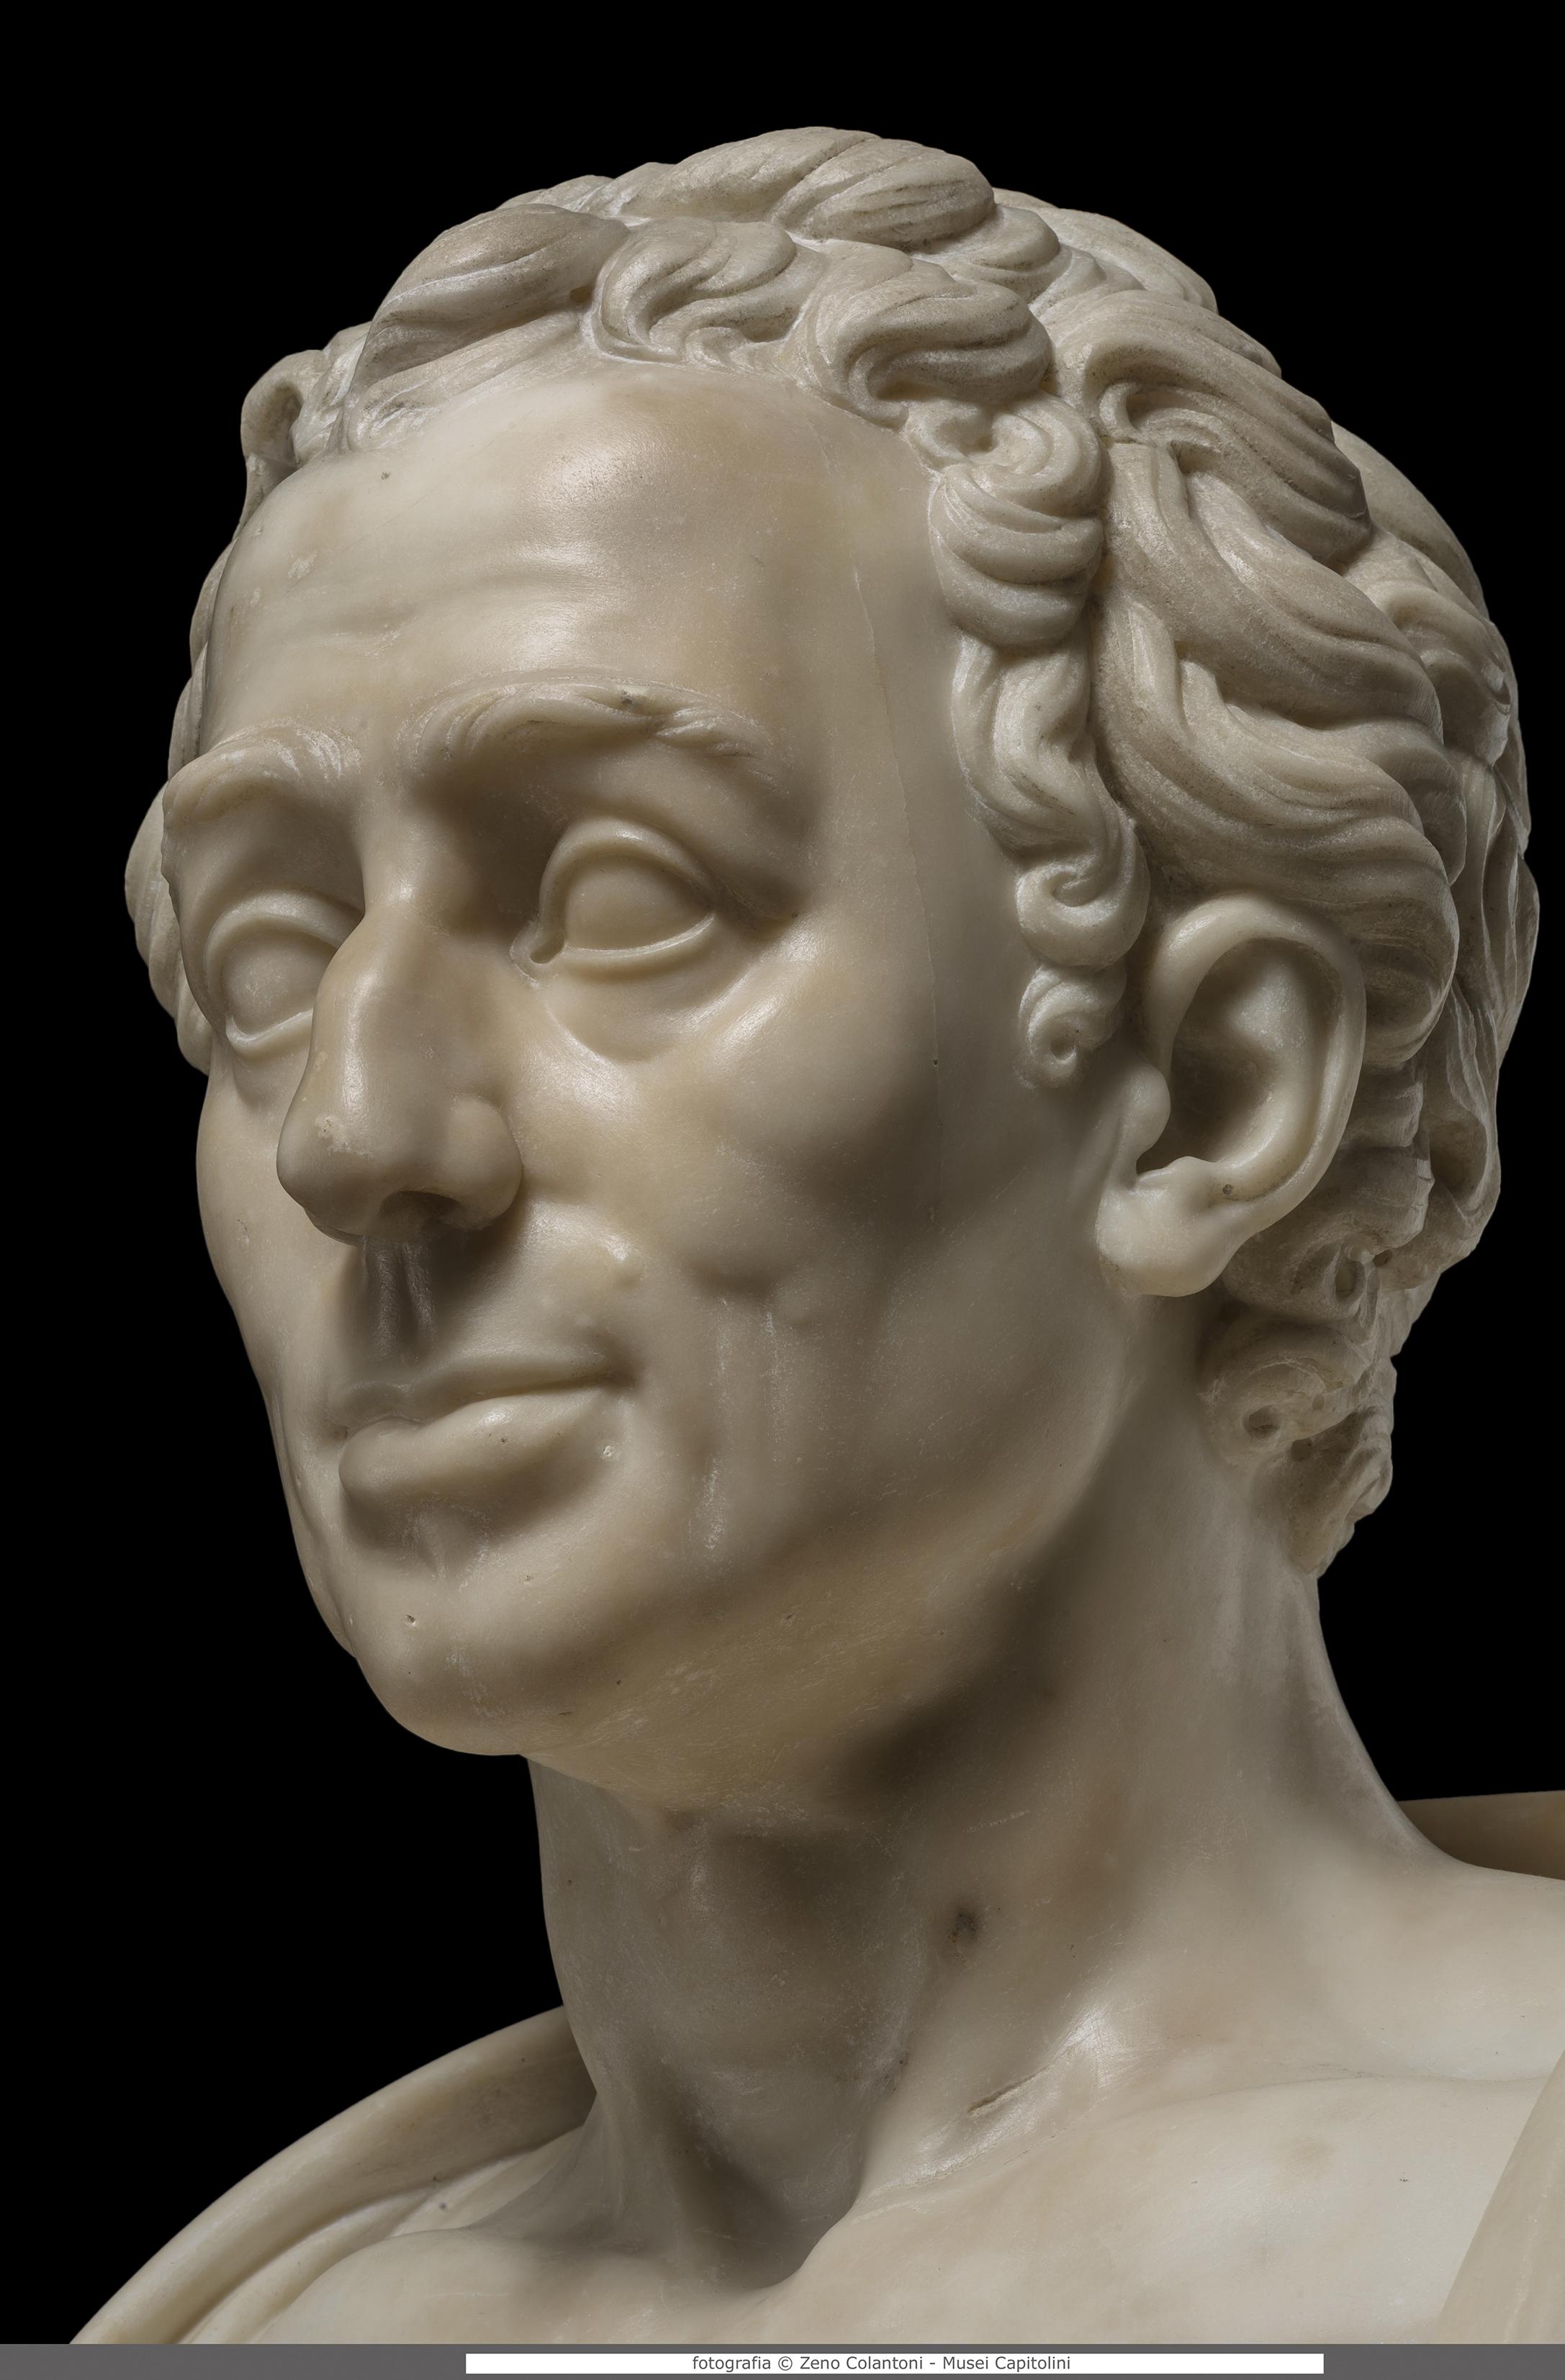 F.G. Doell, Winckelmann, 1782, Musei Capitolini, Protomoteca inv. Pro 47 Foto di Zeno Colantoni